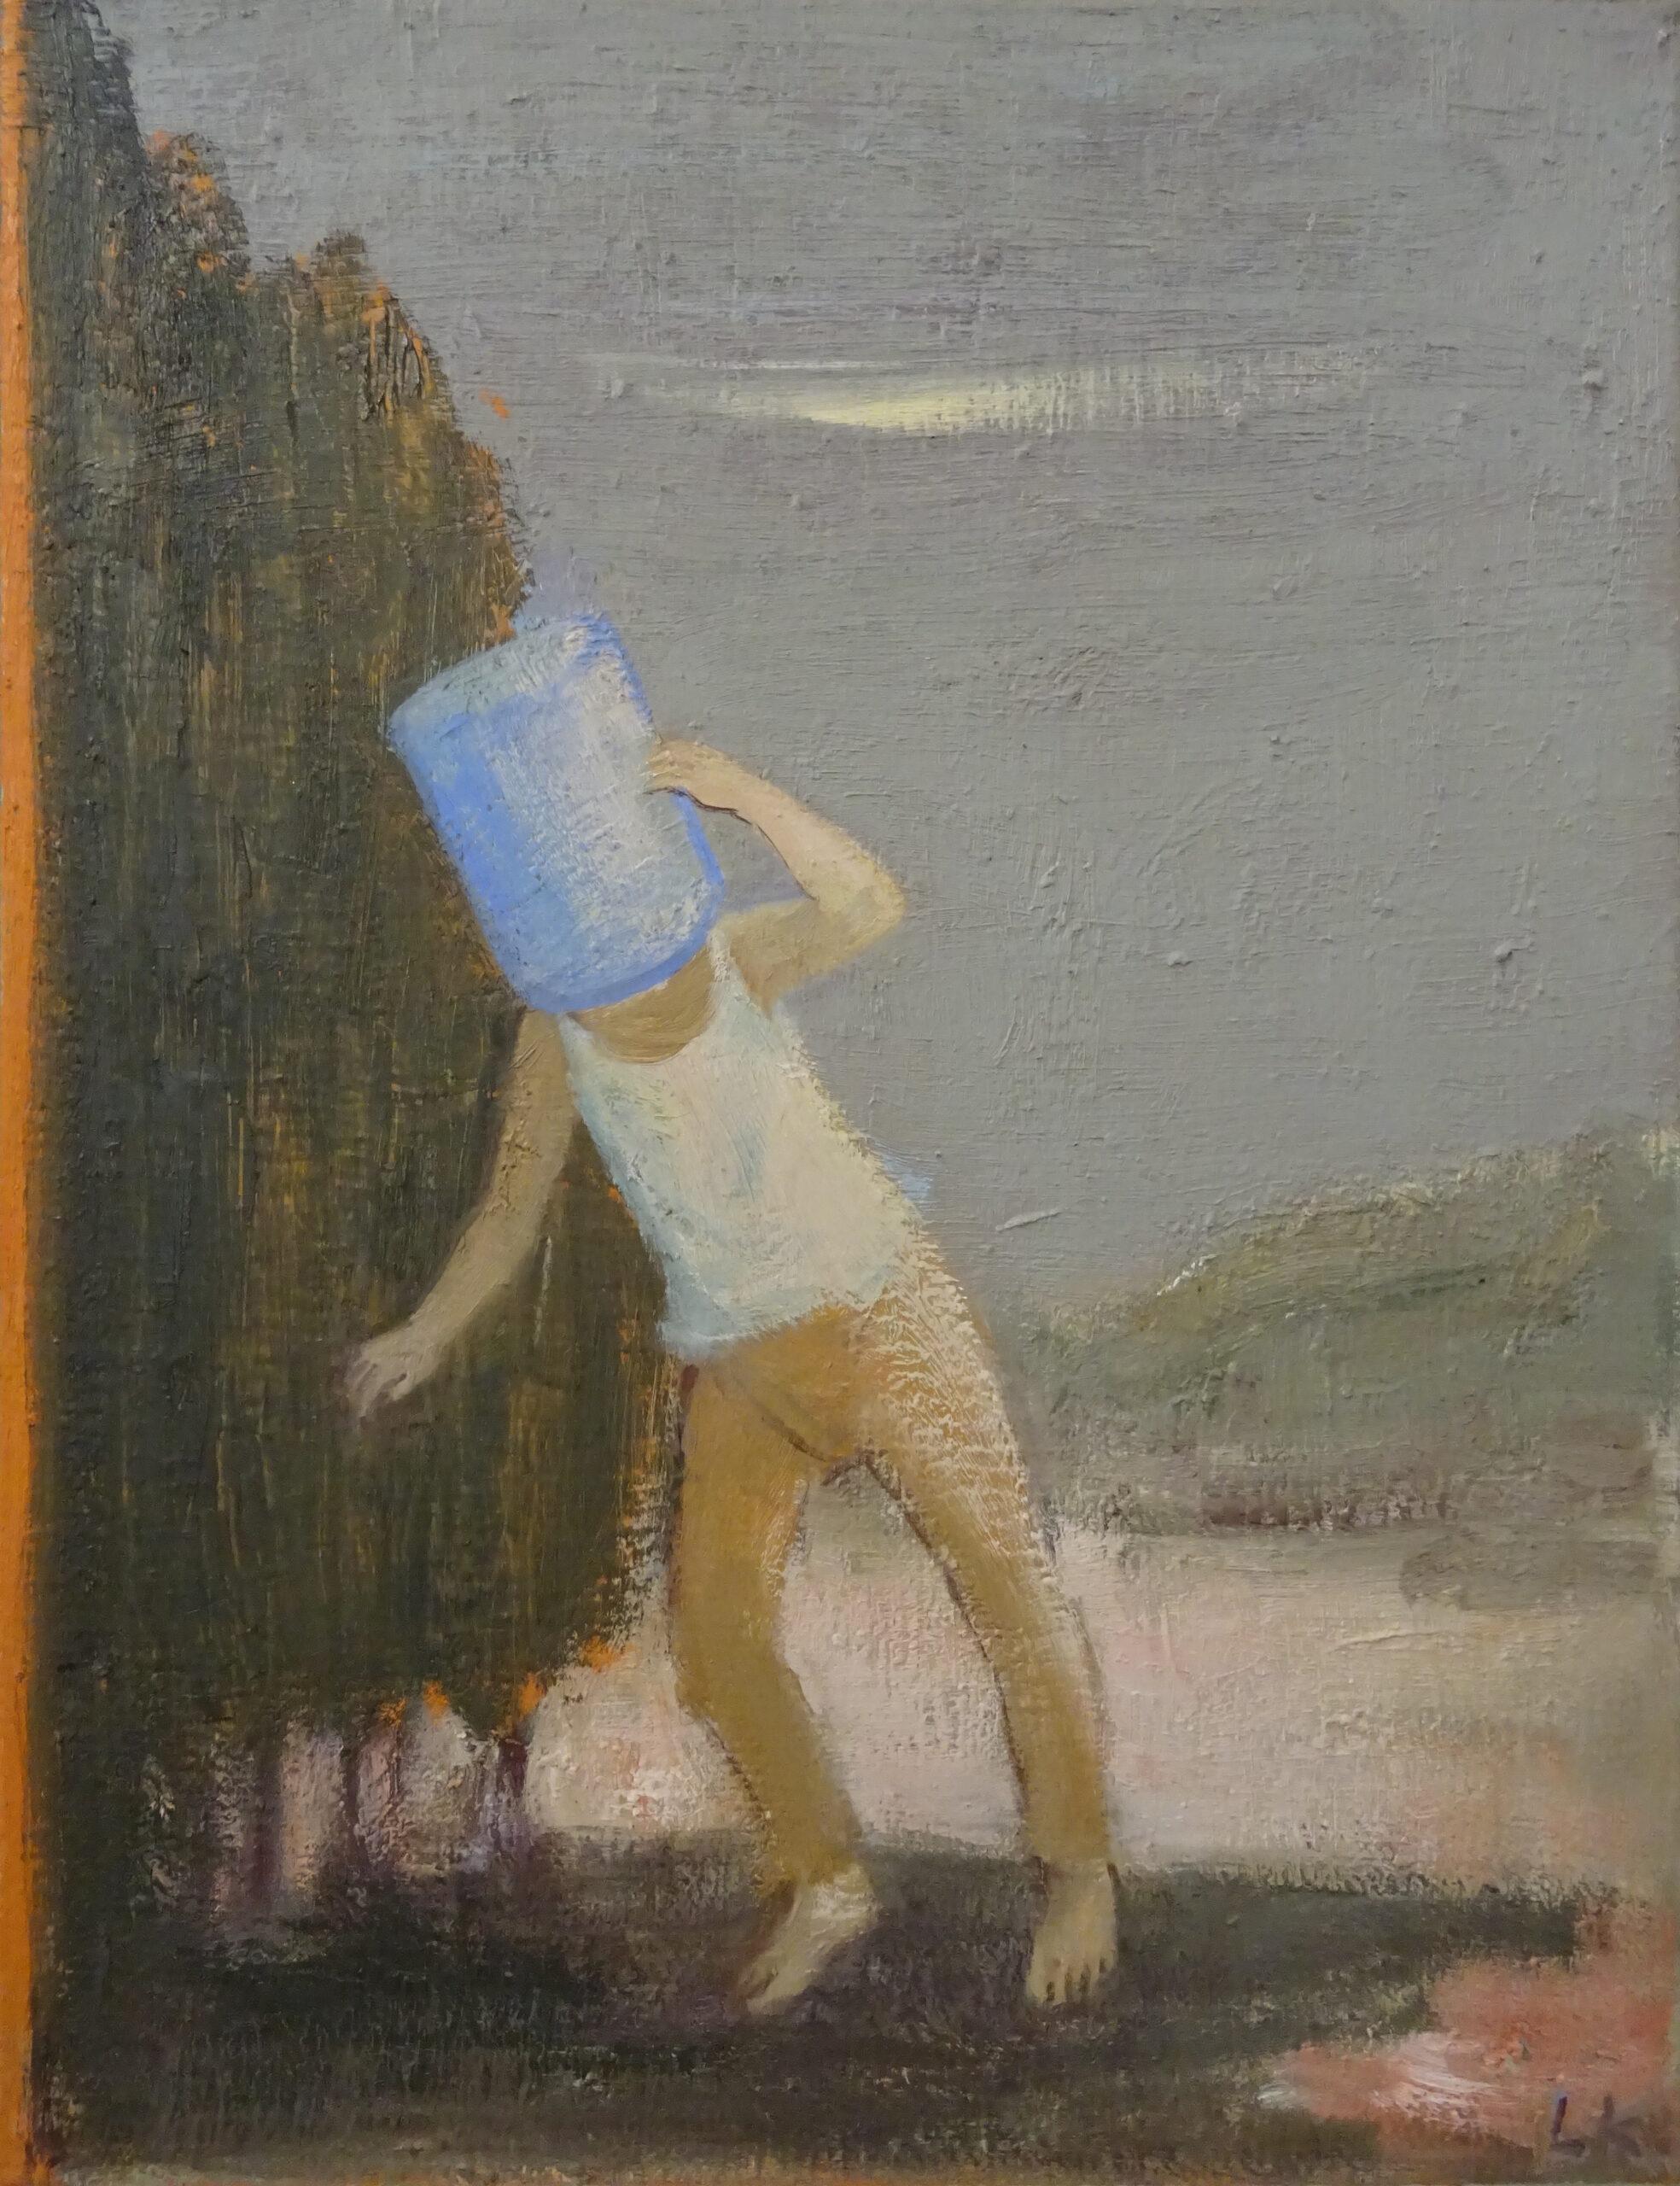 Leander Kaiser, Durchs Hinterland, Öl auf Leinwand, 65 × 50 cm, 2016